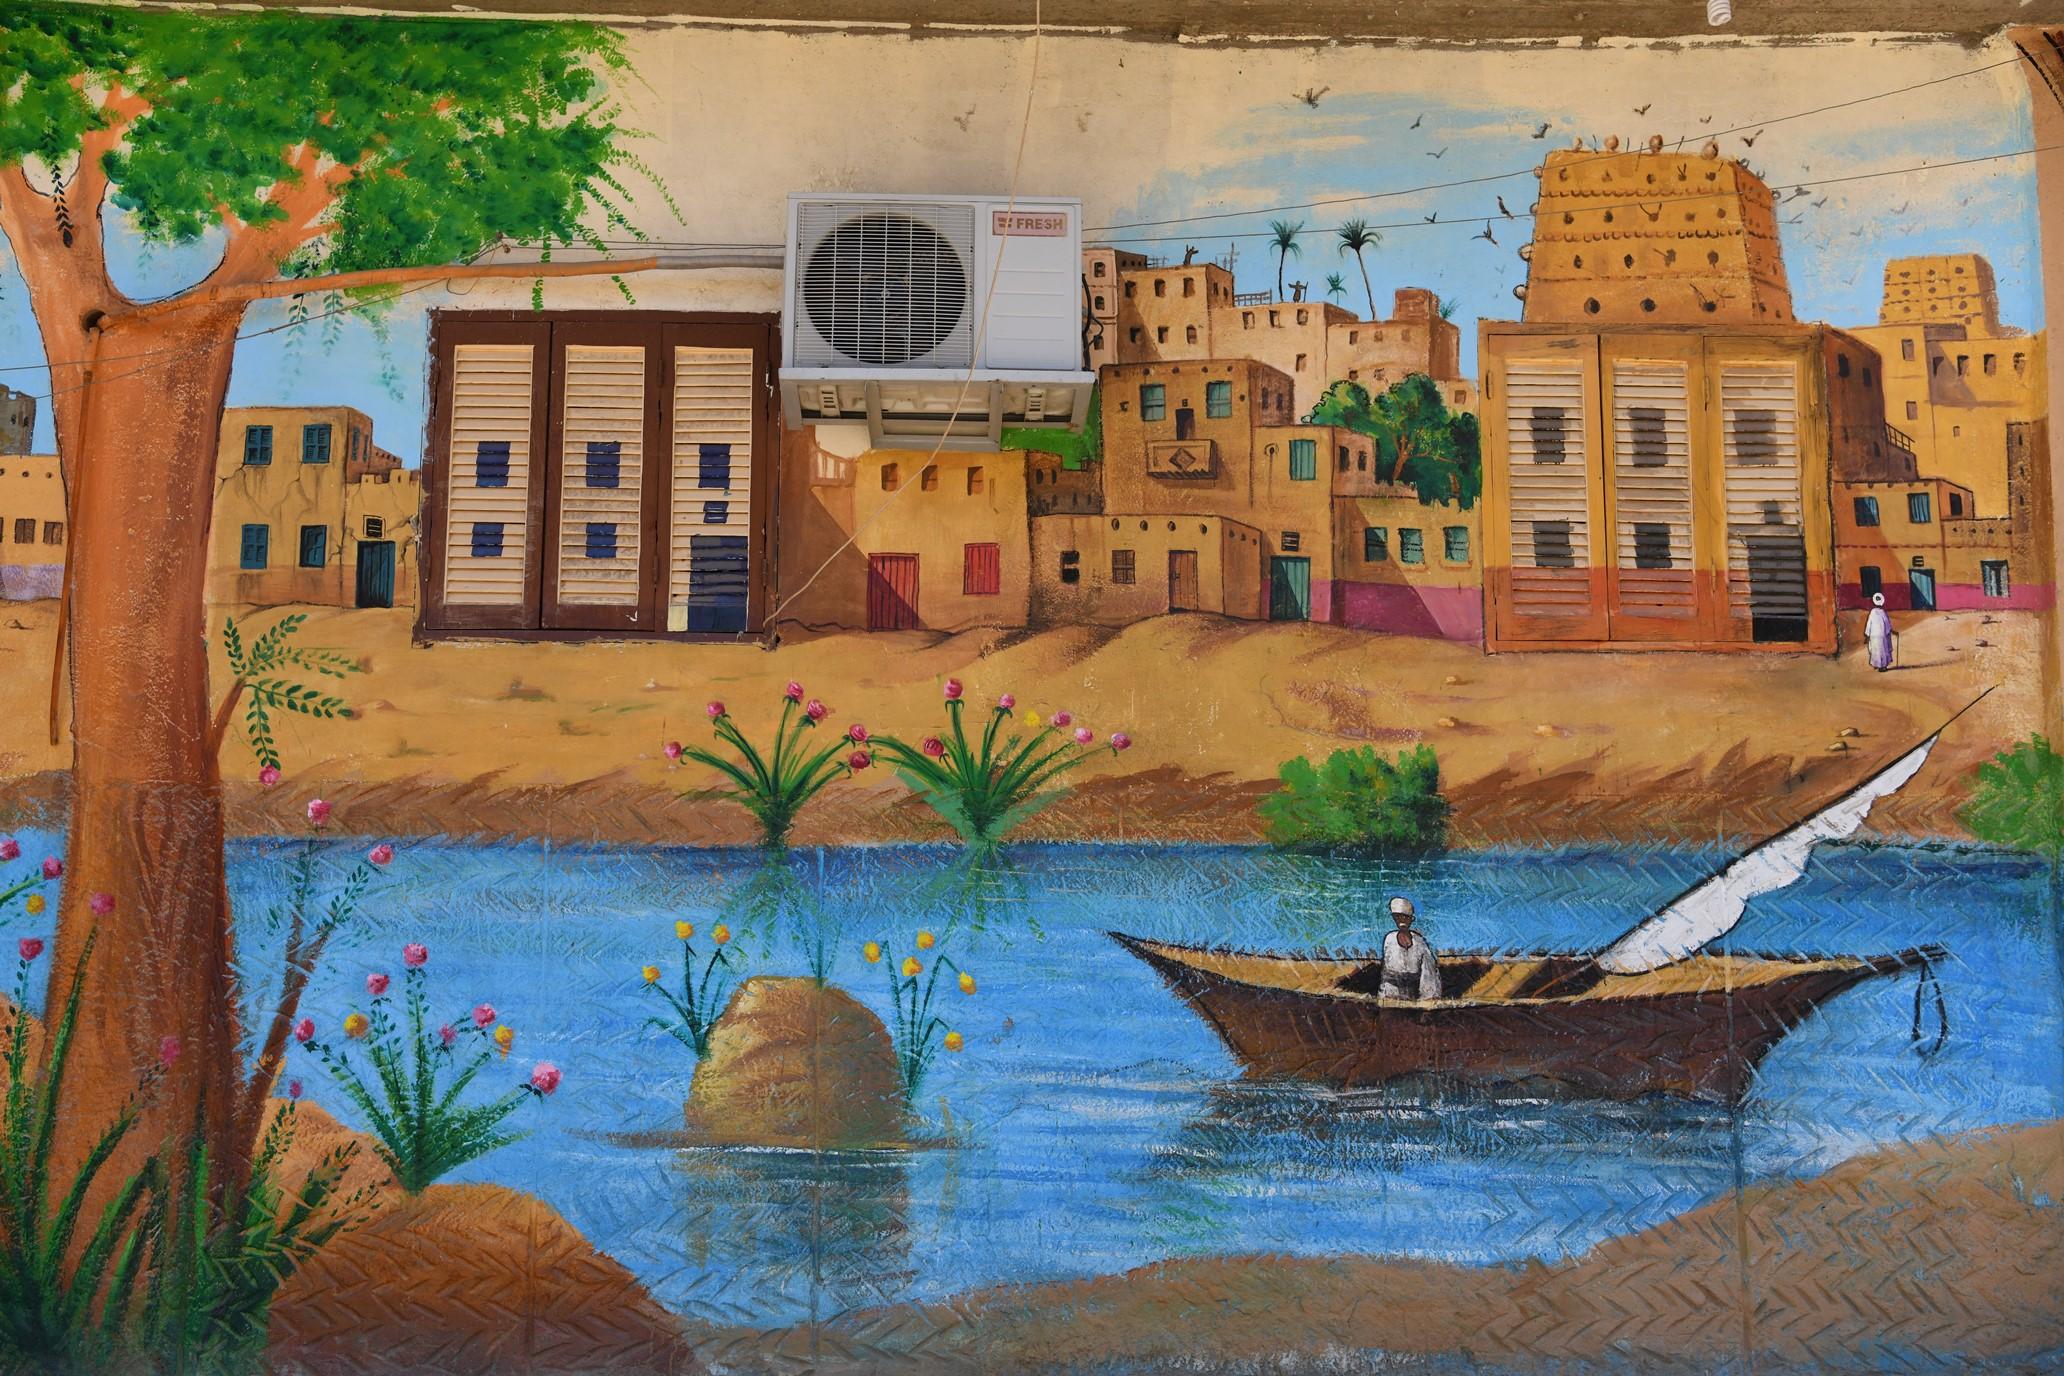 الأعمال الفنية لصاحب مبادرة الفن يحارب كورونا (5)